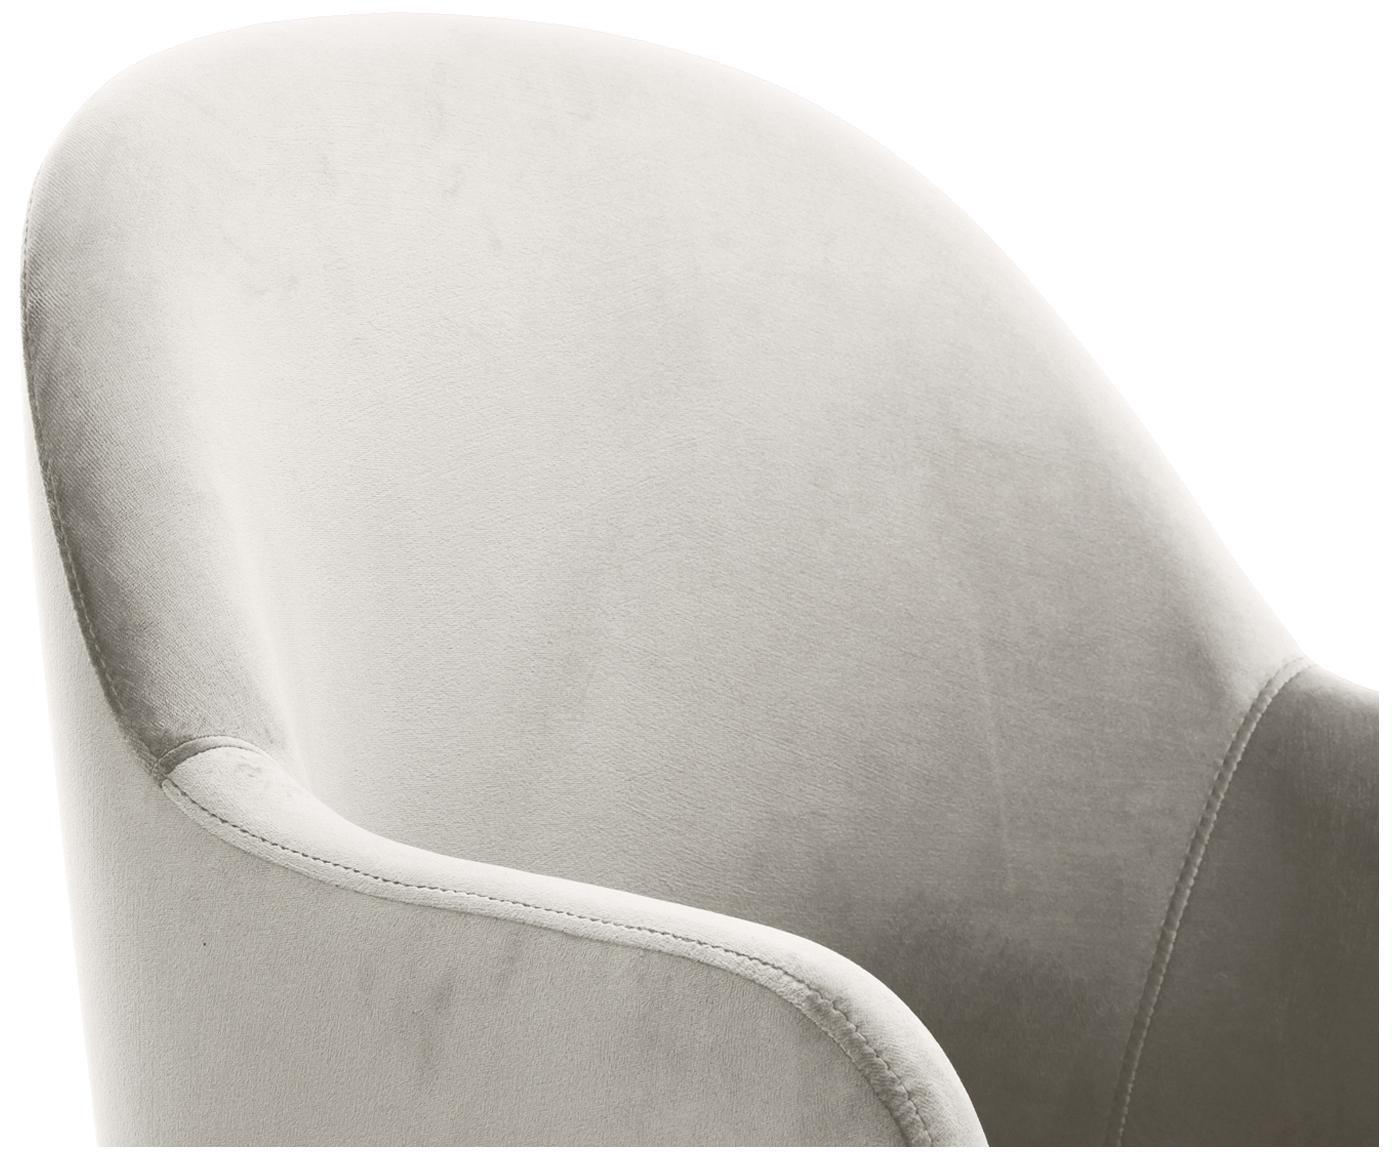 Samt-Armlehnstuhl Rachel, Bezug: Samt (Polyester) 50.000 S, Beine: Metall, pulverbeschichtet, Samt Beige, B 47 x T 64 cm